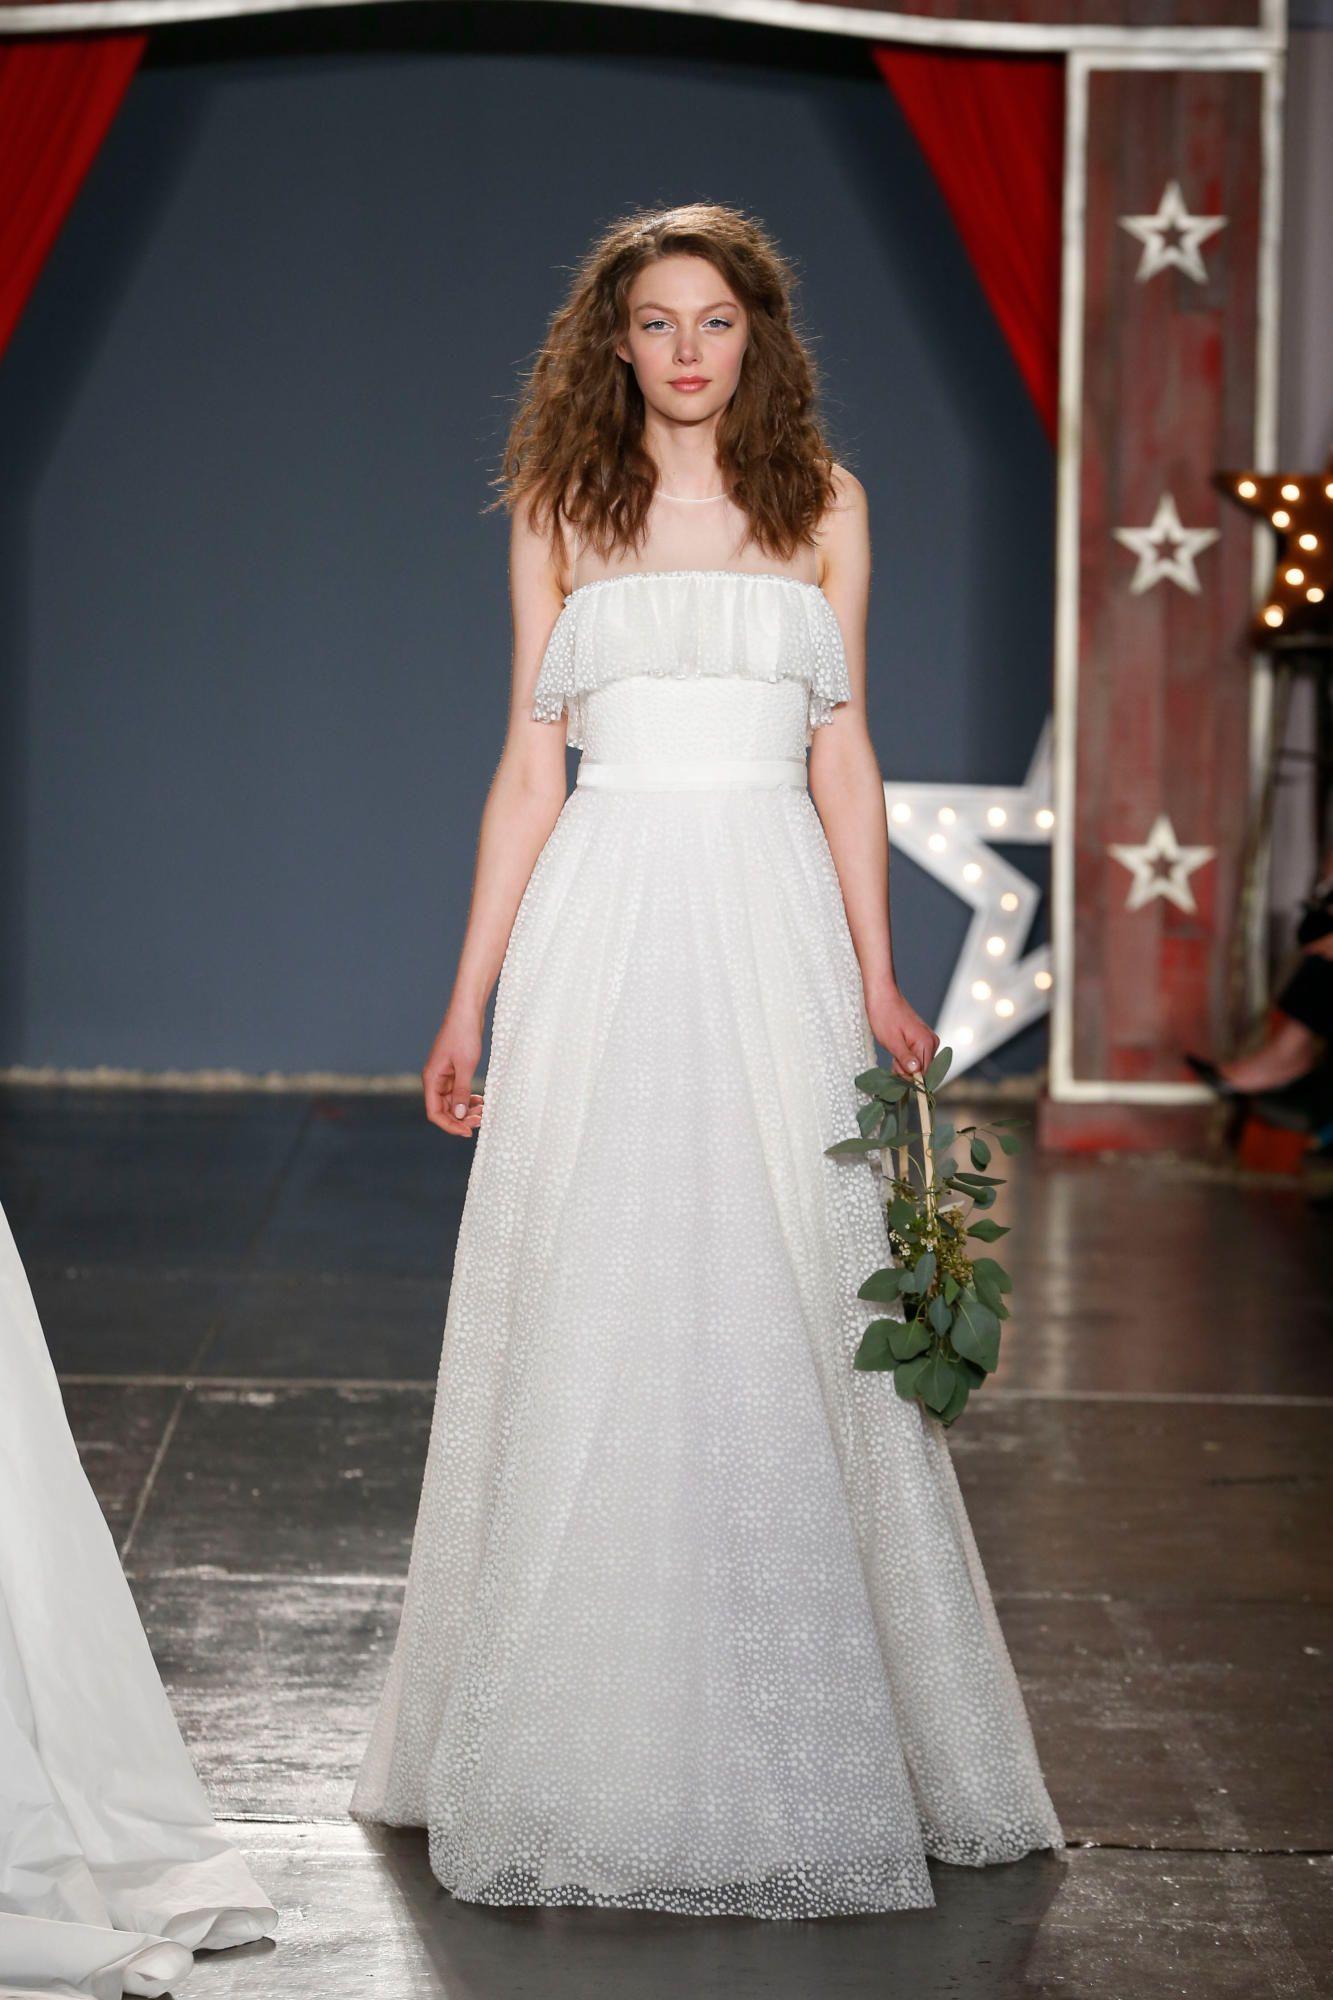 jenny-packham-bridal-spring-2018-70s-dress Tendências de vestidos de noiva para 2018